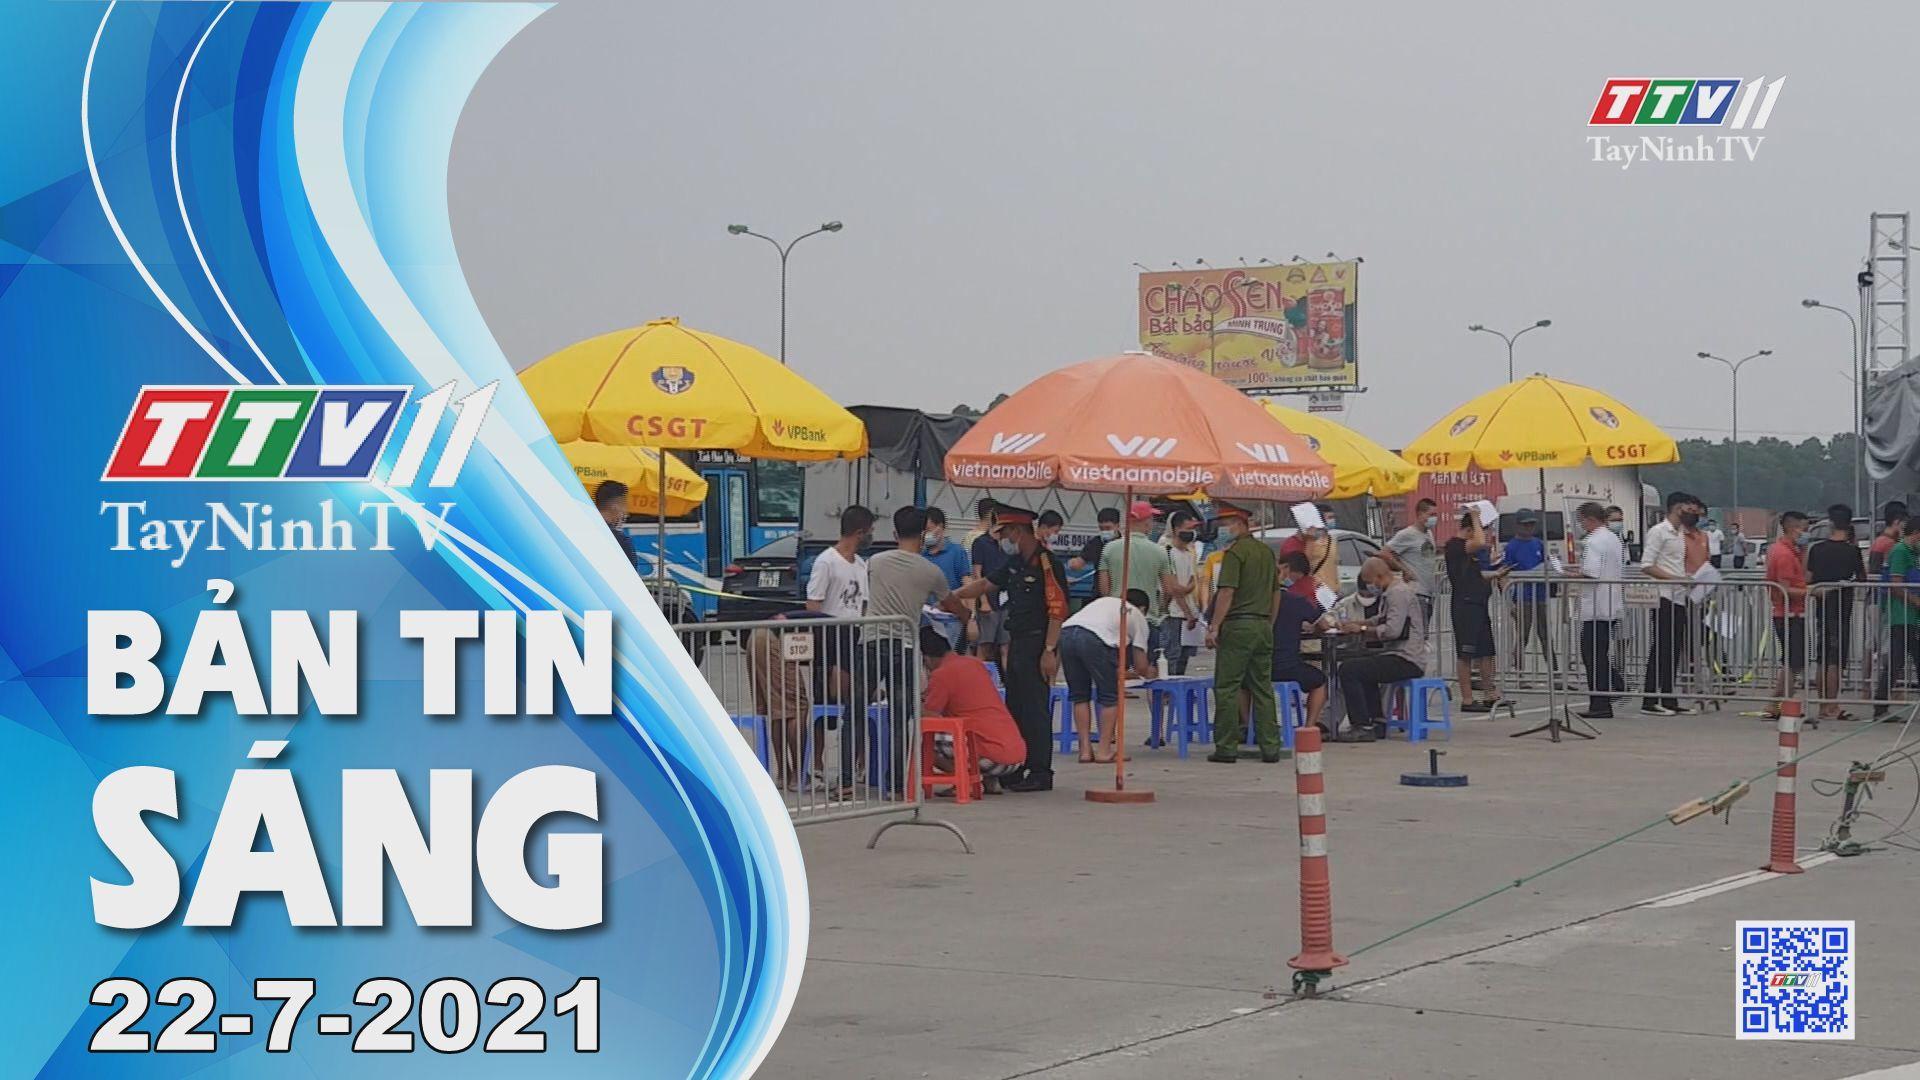 Bản tin sáng 22-7-2021 | Tin tức hôm nay | TayNinhTV